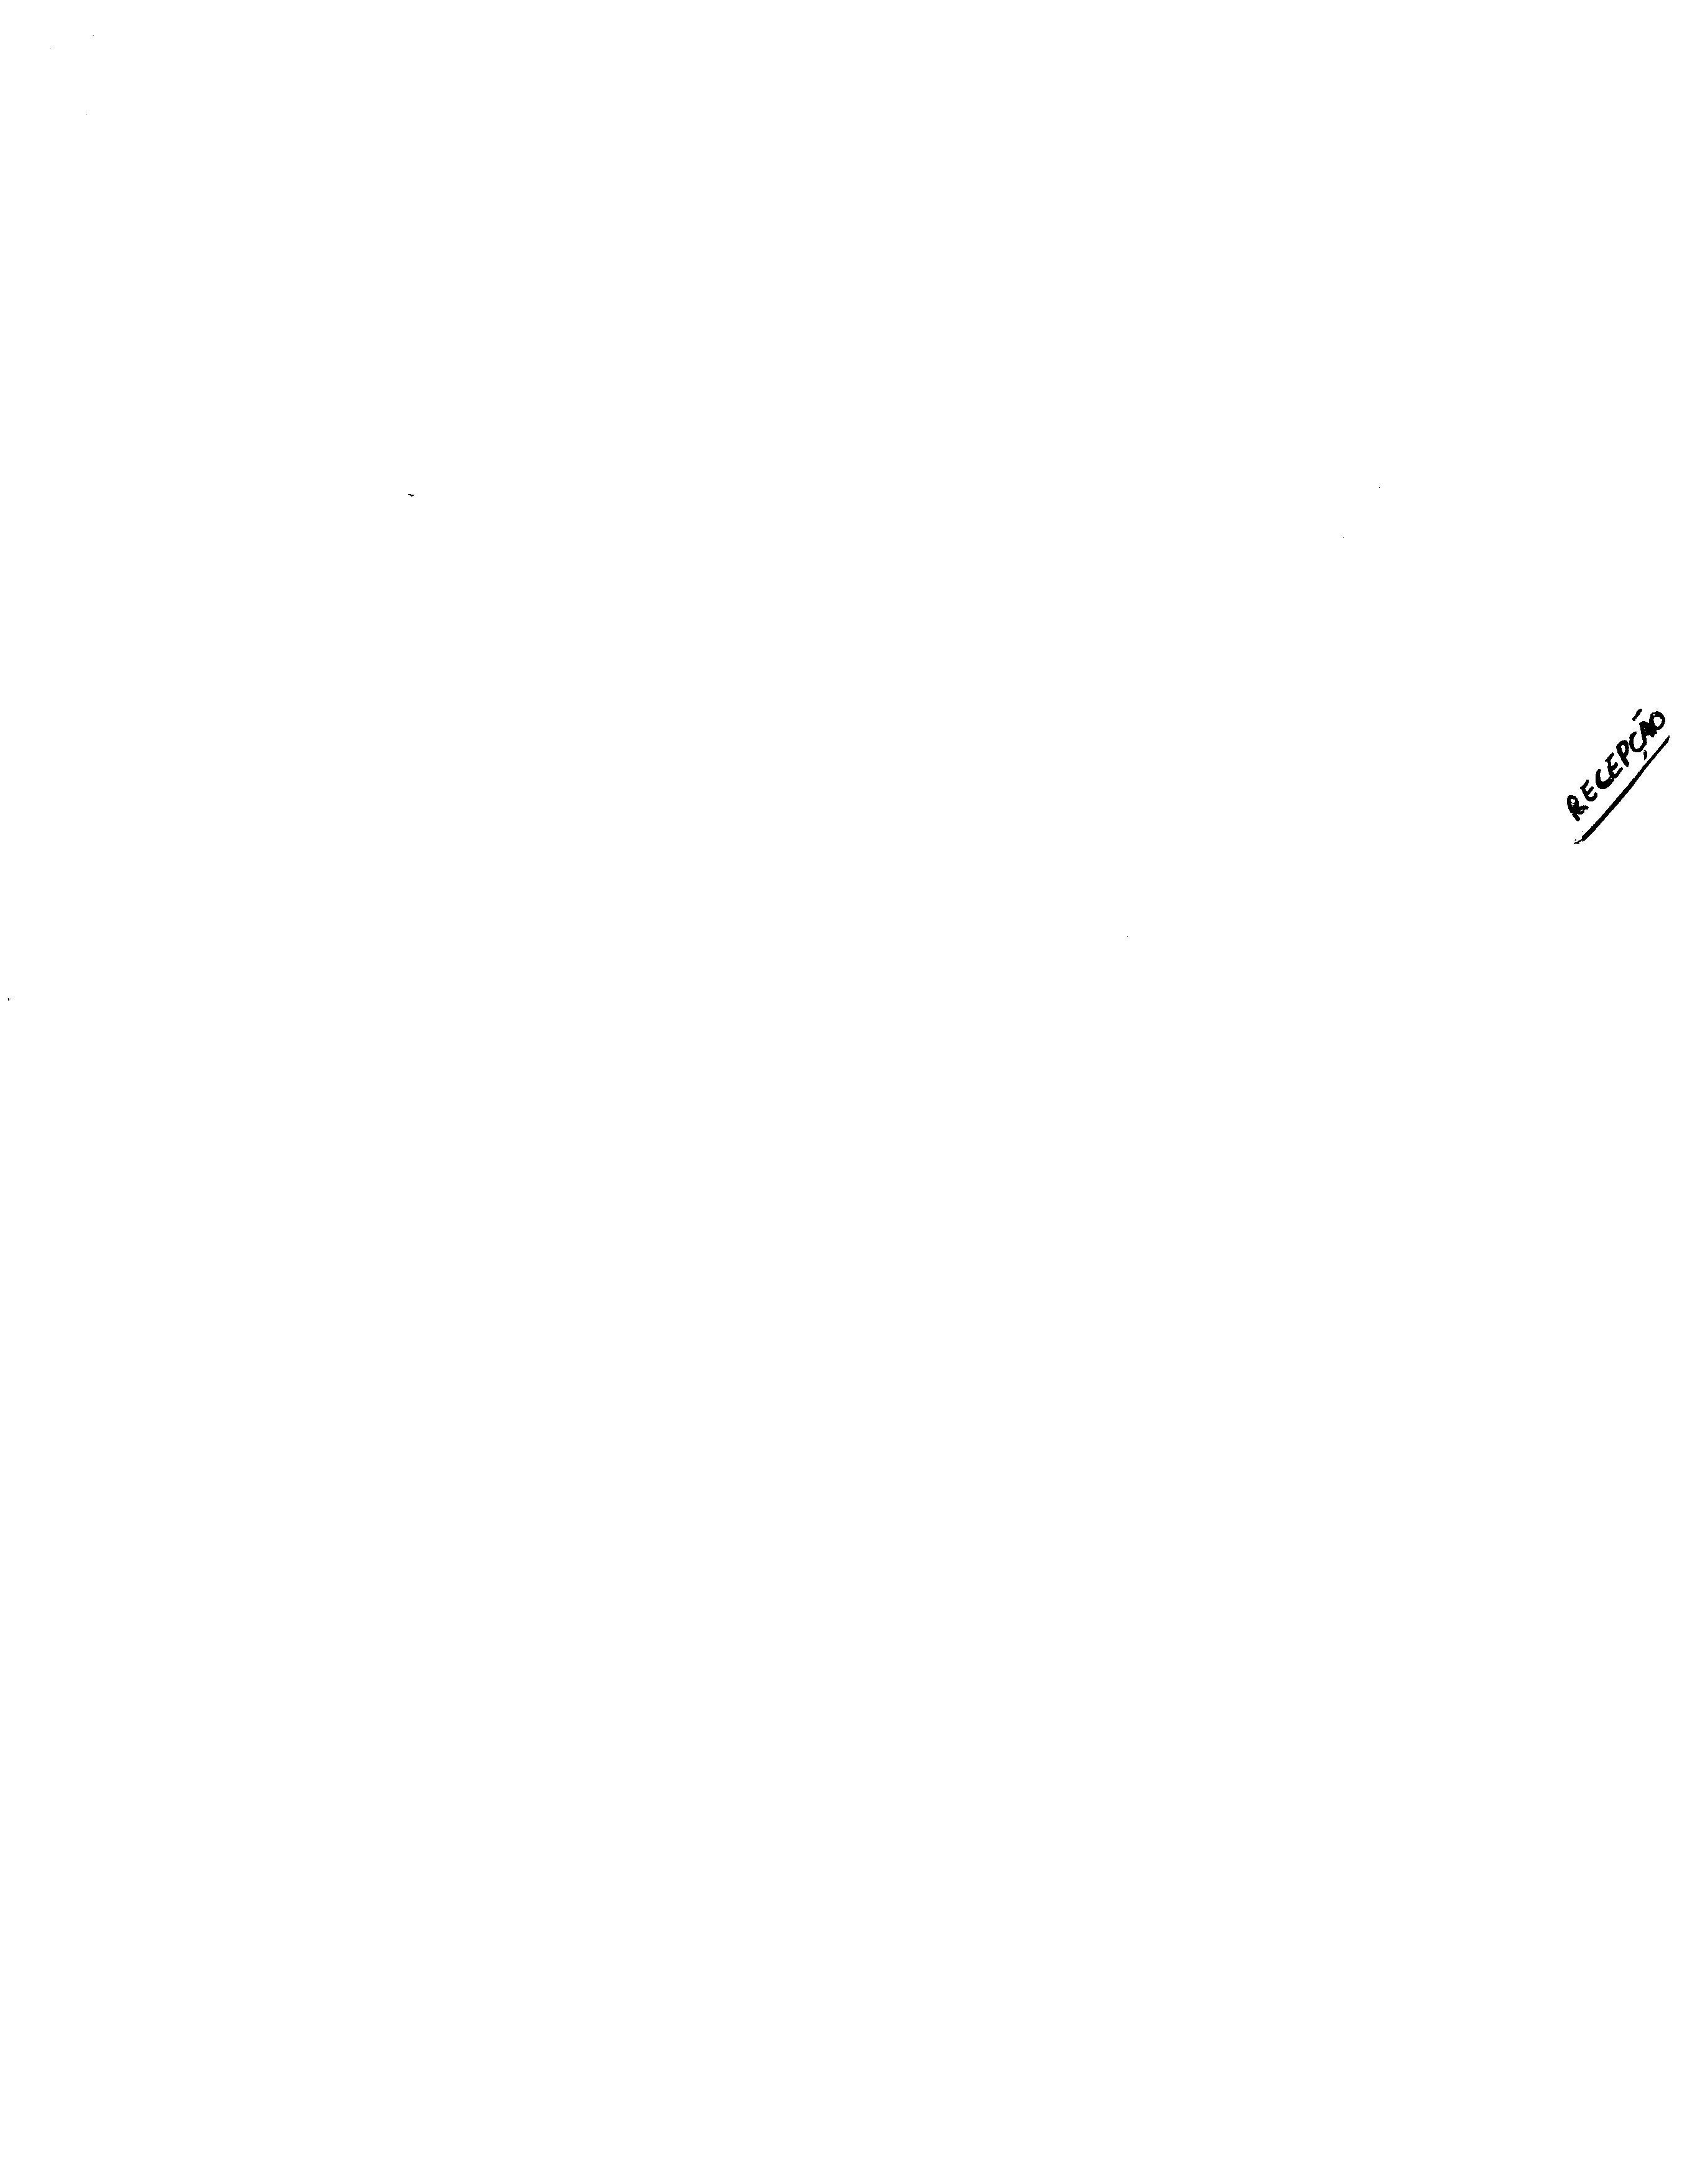 01399.006- pag.1